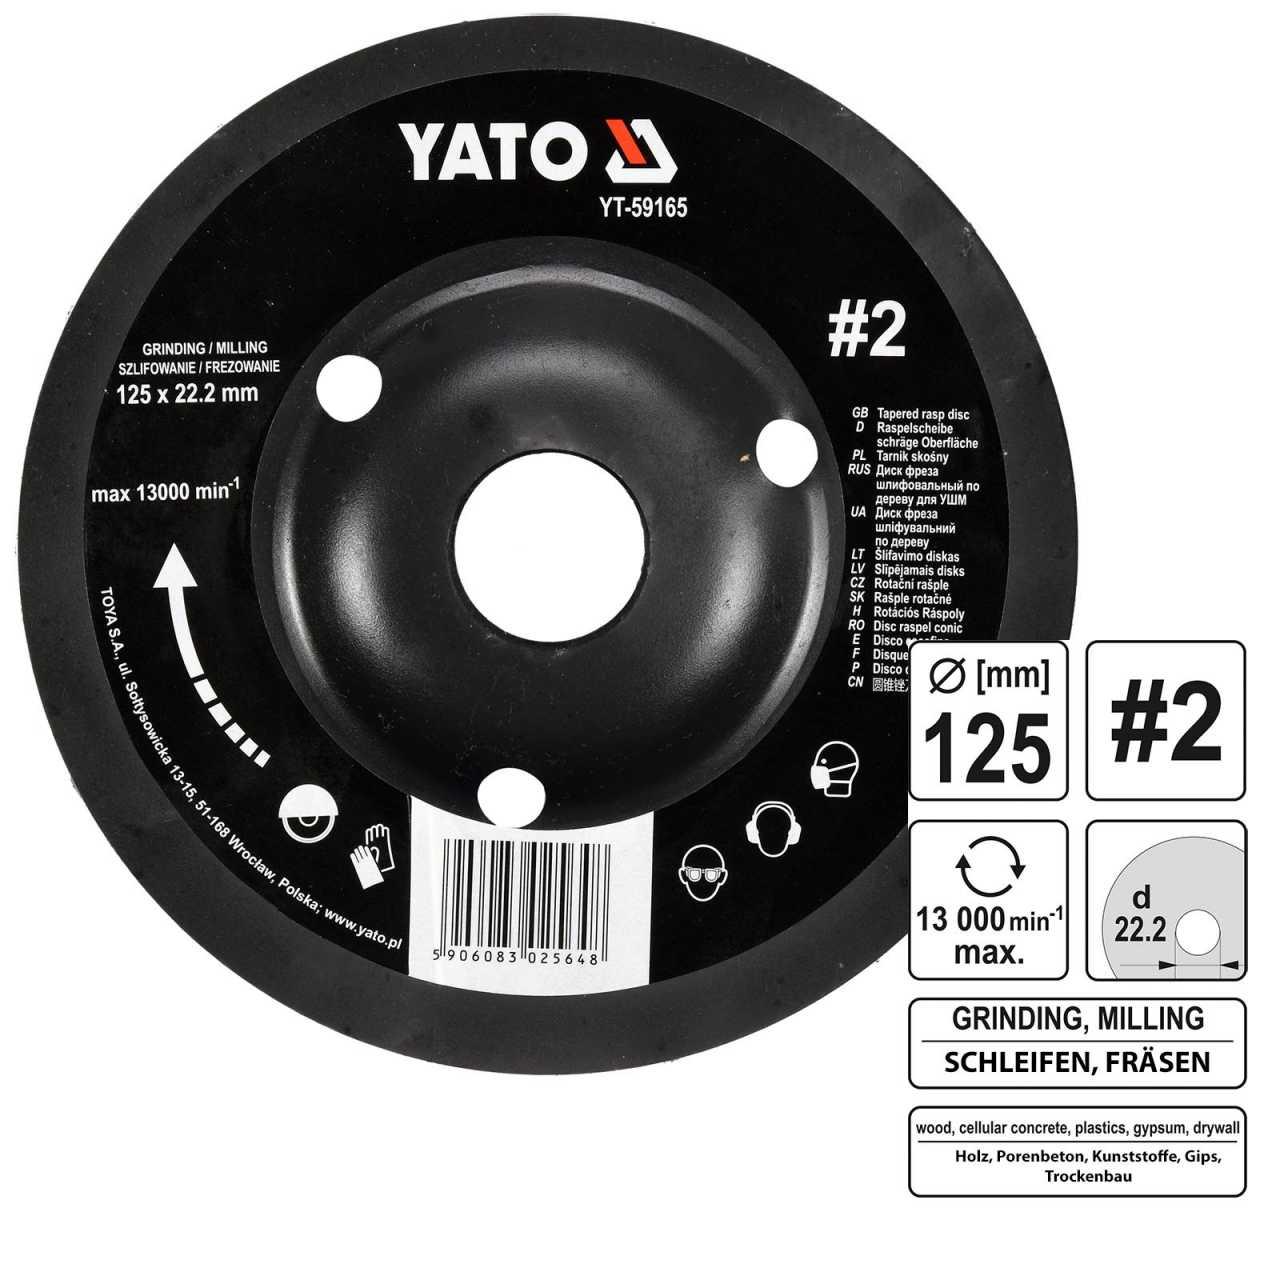 YATO Profi Raspelscheibe für Winkelschleifer 125mm Nr2